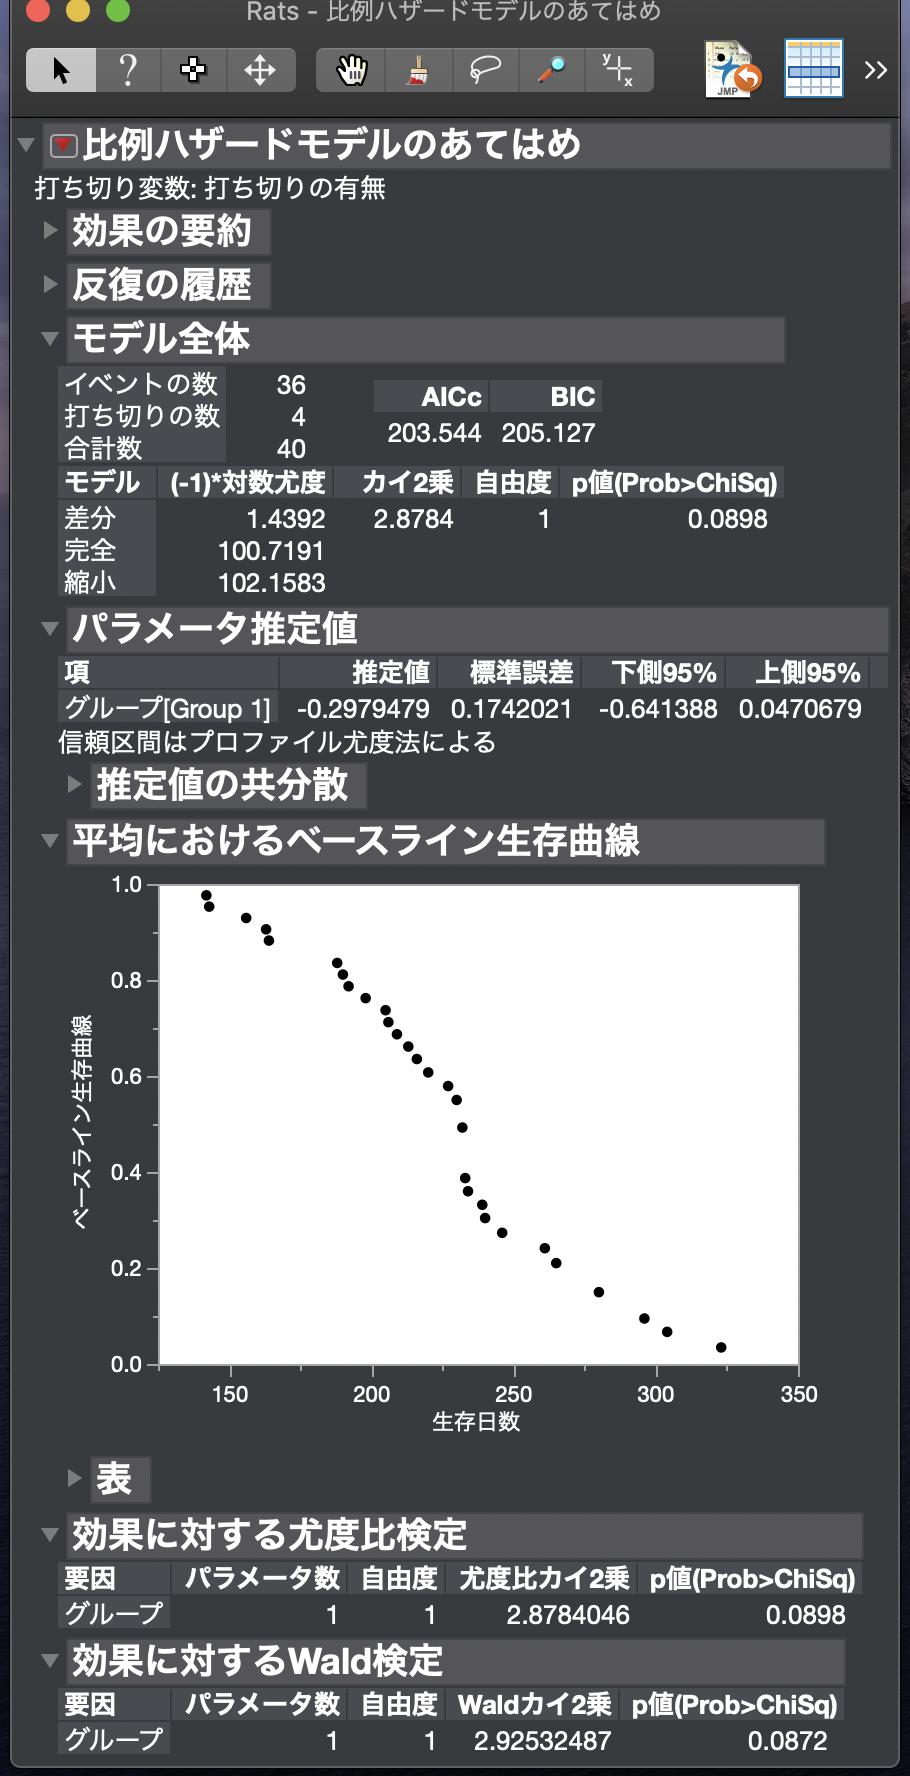 JMPでCOX比例ハザードモデルを解析する方法7